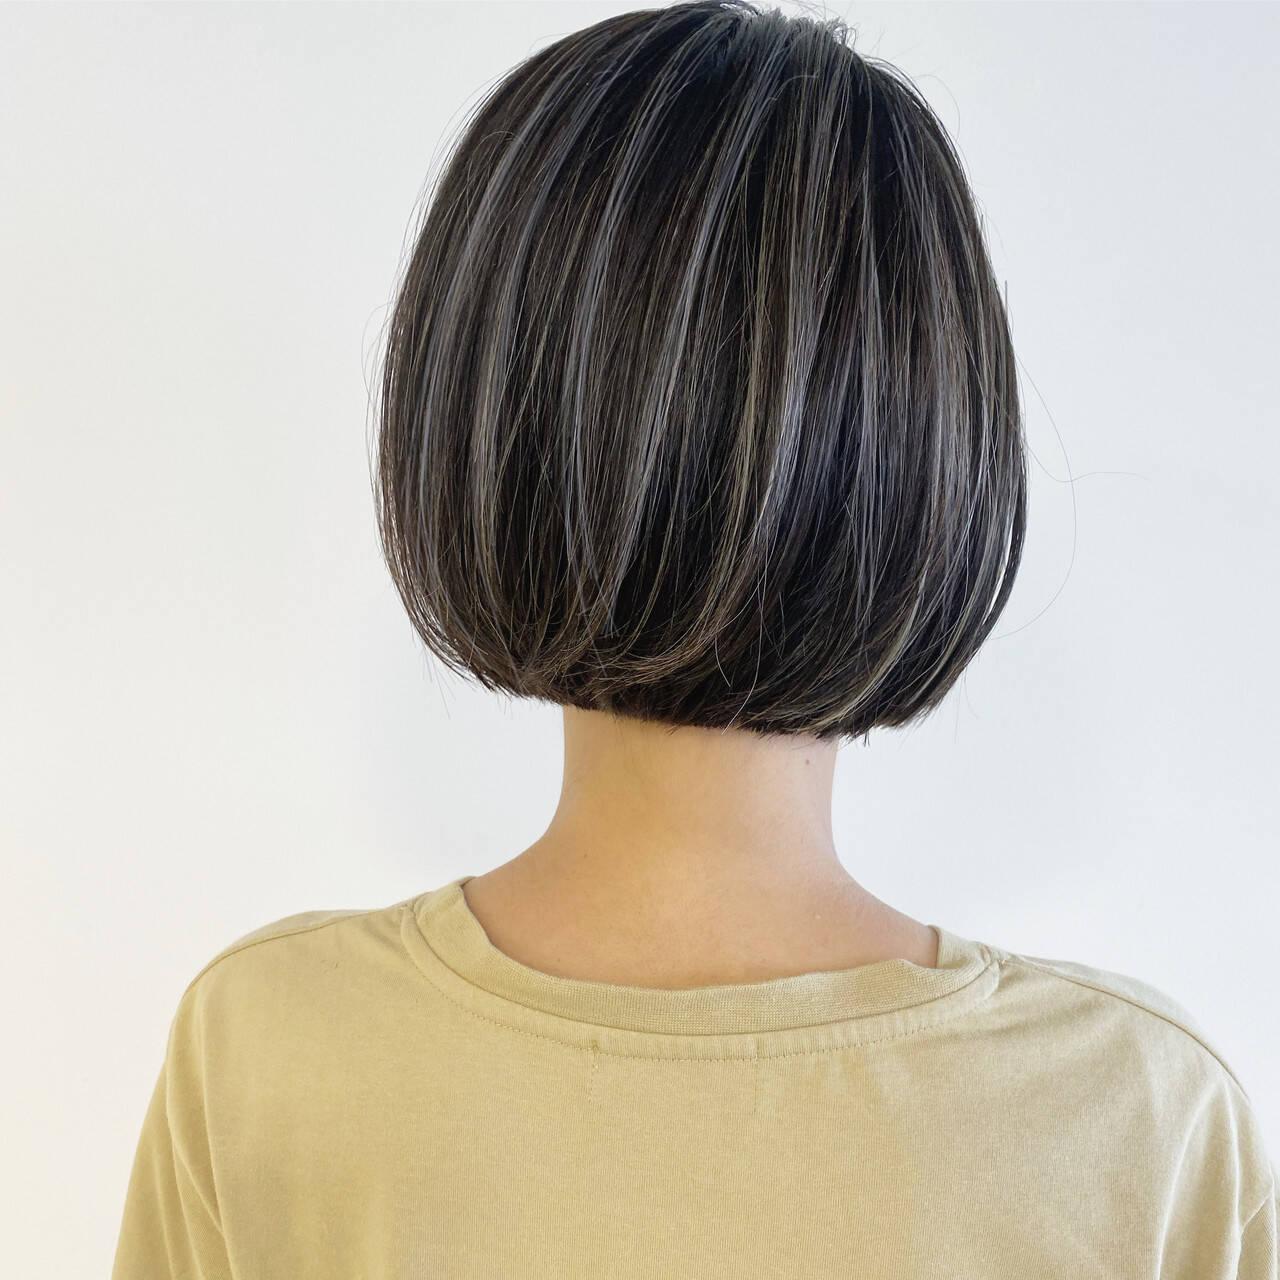 ミニボブ ナチュラル コントラストハイライト 切りっぱなしボブヘアスタイルや髪型の写真・画像